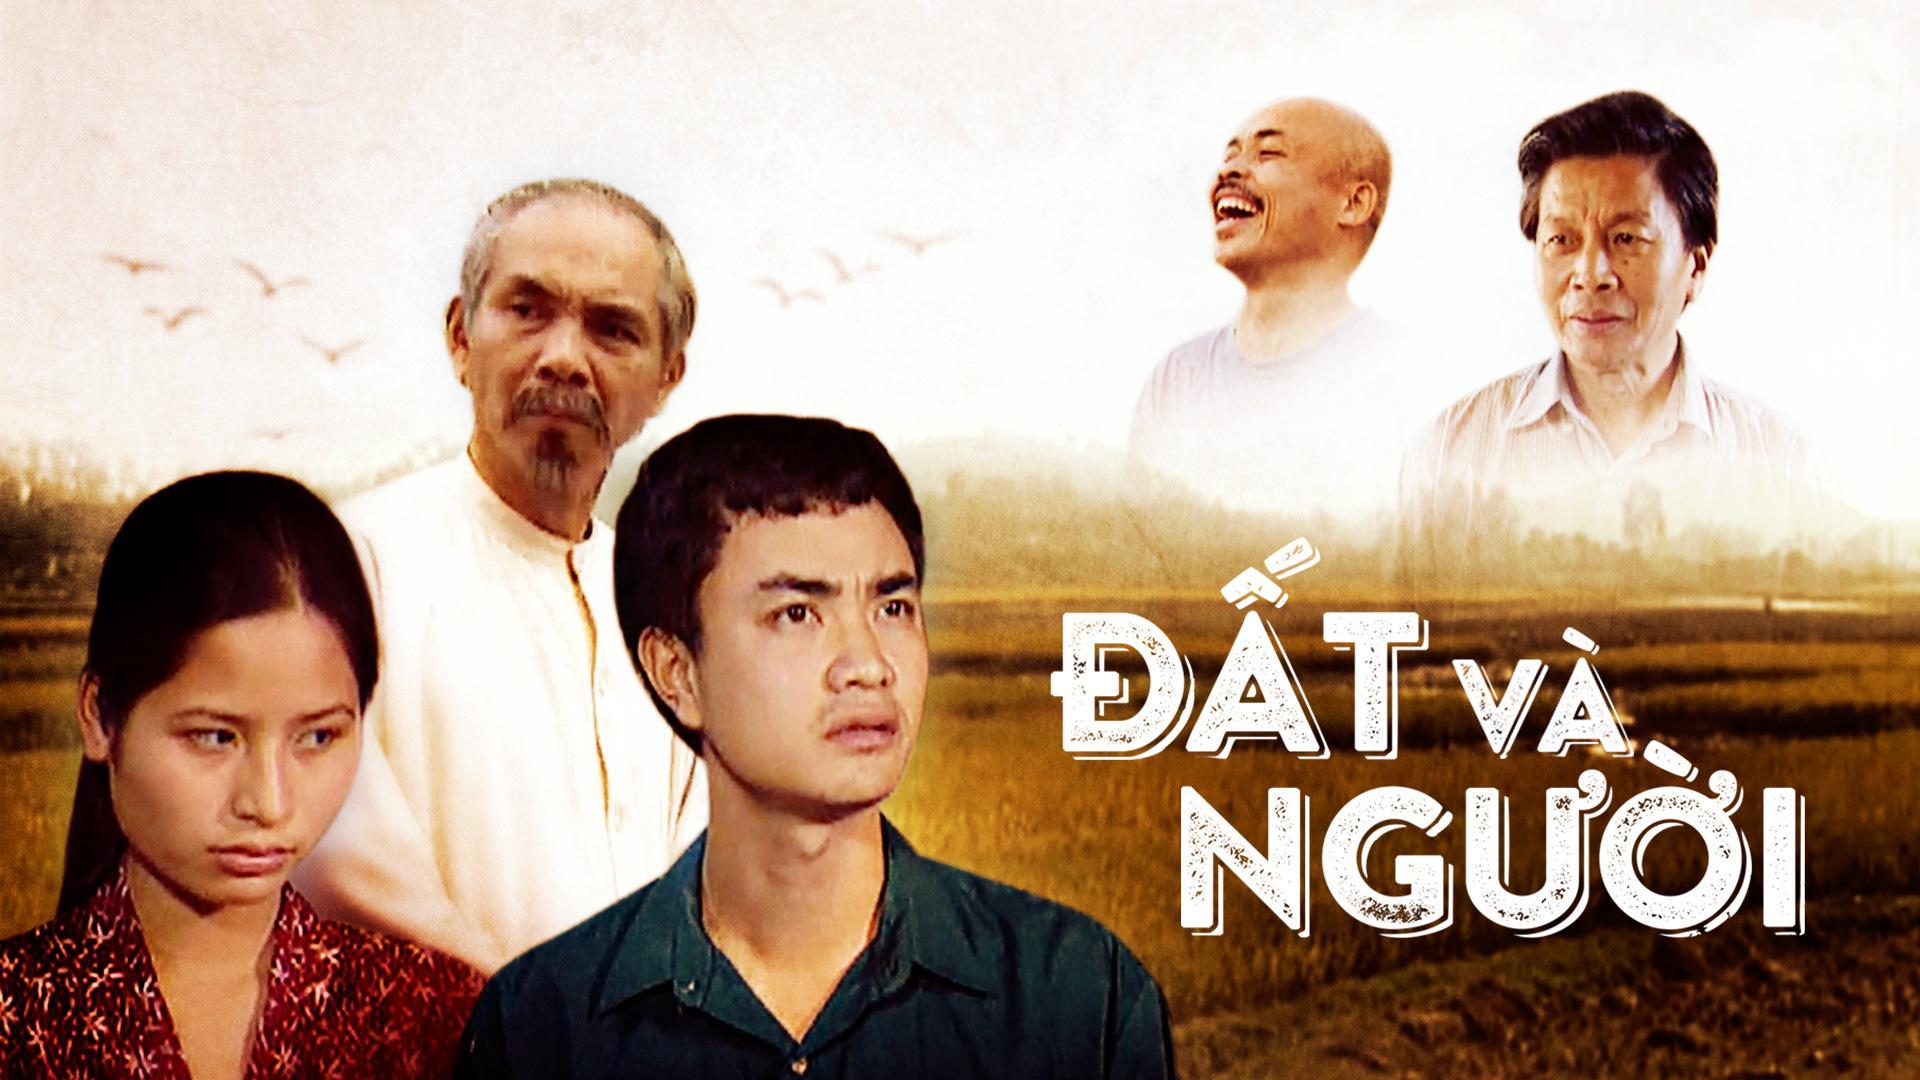 17 bộ phim truyền hình Việt Nam đi cùng thời niên thiếu của thế hệ 9X